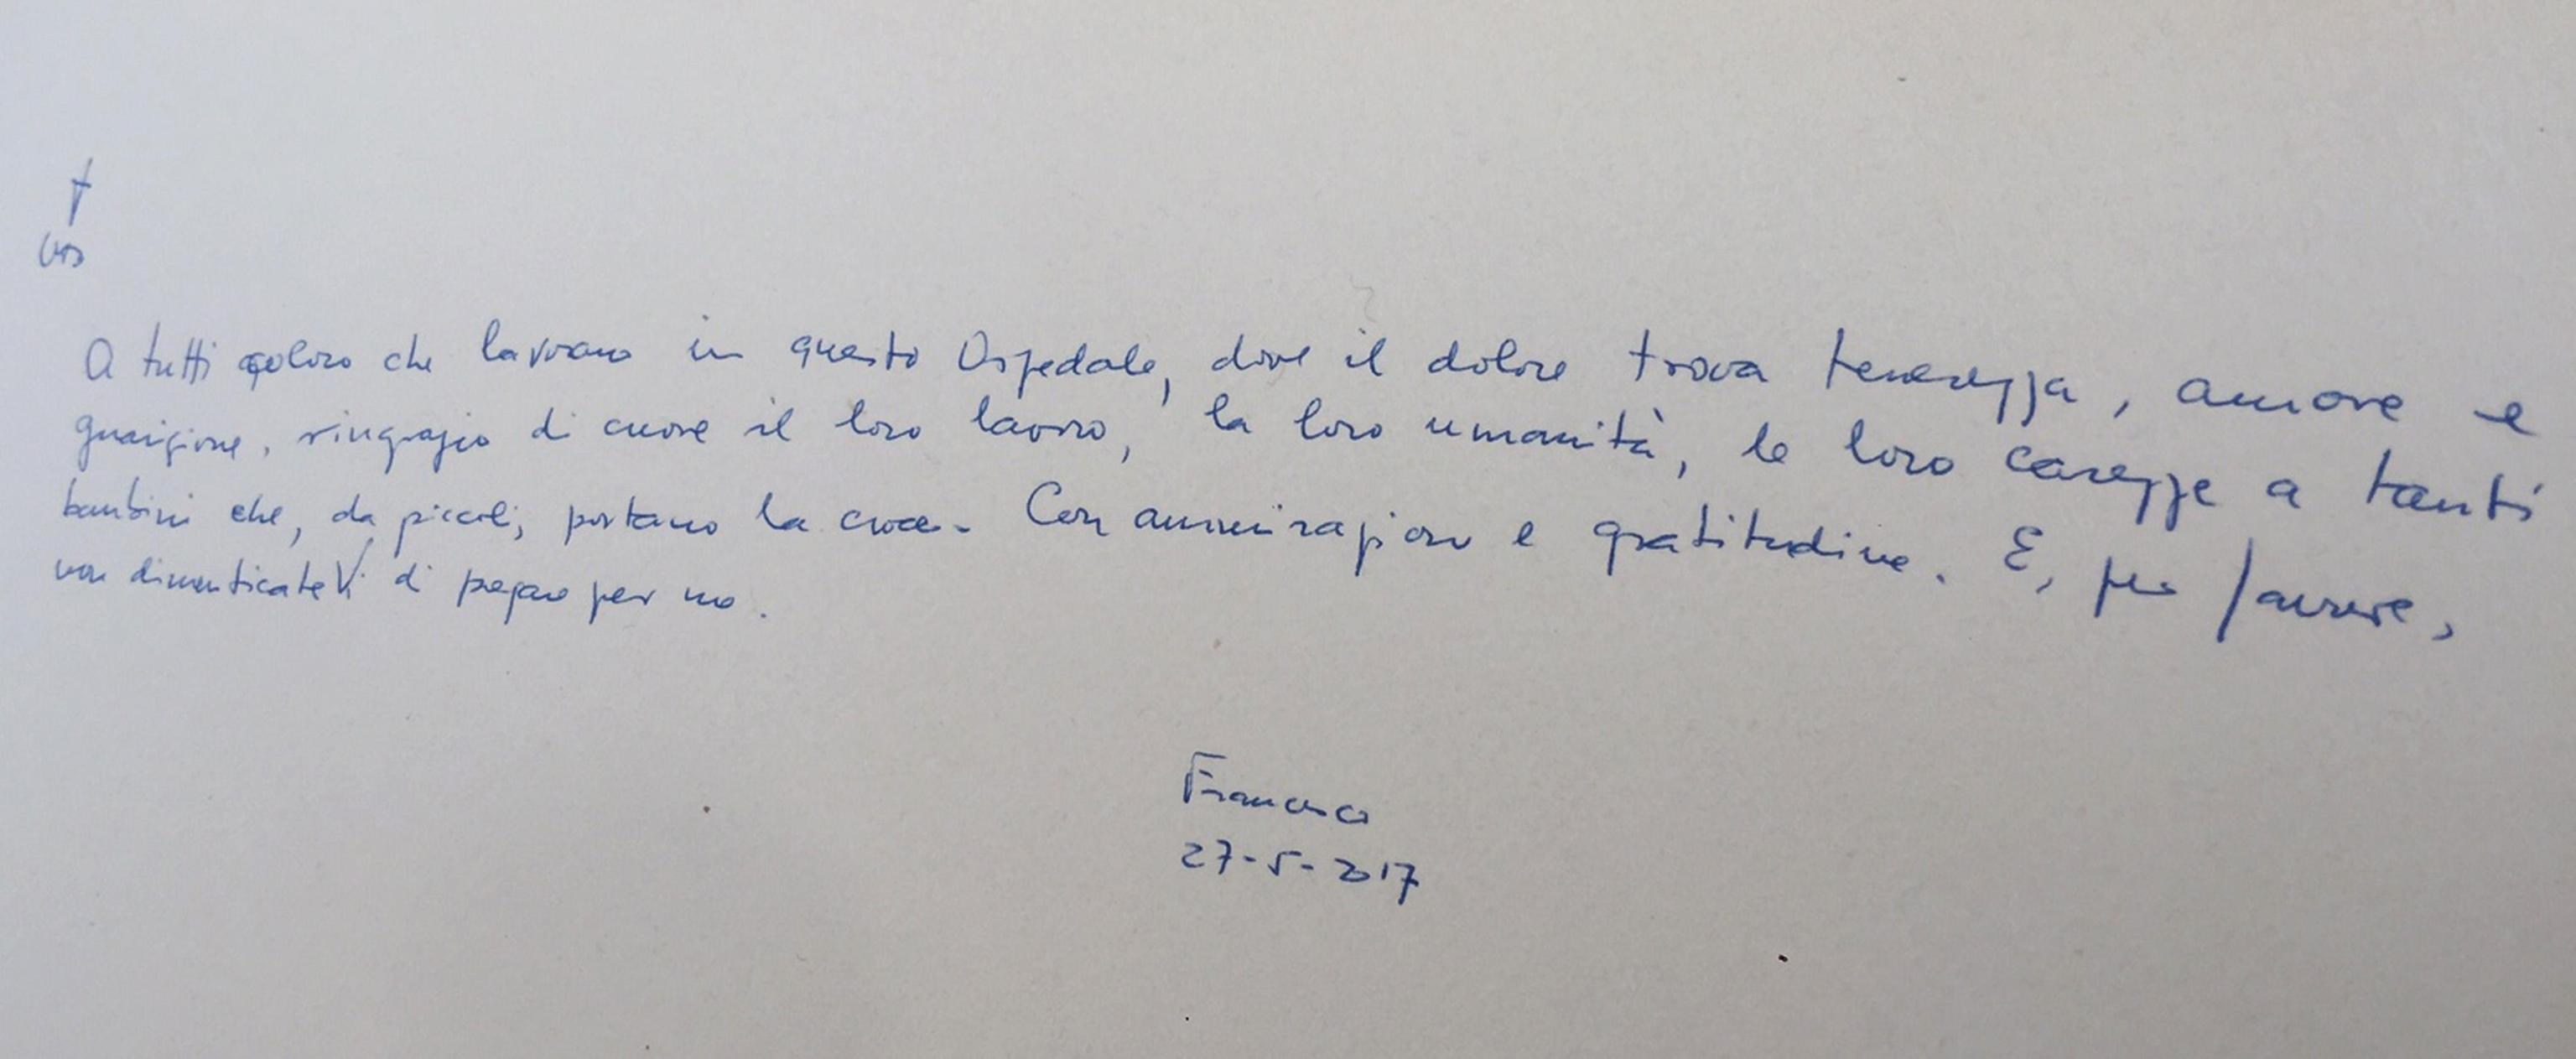 A tutti coloro che lavorano in questo Ospedale, dove il dolore trova tenerezza, amore e guarigione, ringrazio di cuore il loro lavoro, la loro umanità, le loro carezze a tanti bambini che, da piccoli, portano la croce. Con ammirazione e gratitudine. E, per favore, non dimenticateVi di pregare per me. Francesco 27-5-2017'. Lo ha scritto Papa Francesco sul Libro dell'Ospedale Pediatrico 'Giannina Gaslini' di Genova, 27 Maggio 2017. ANSA' MANUELA TULLI